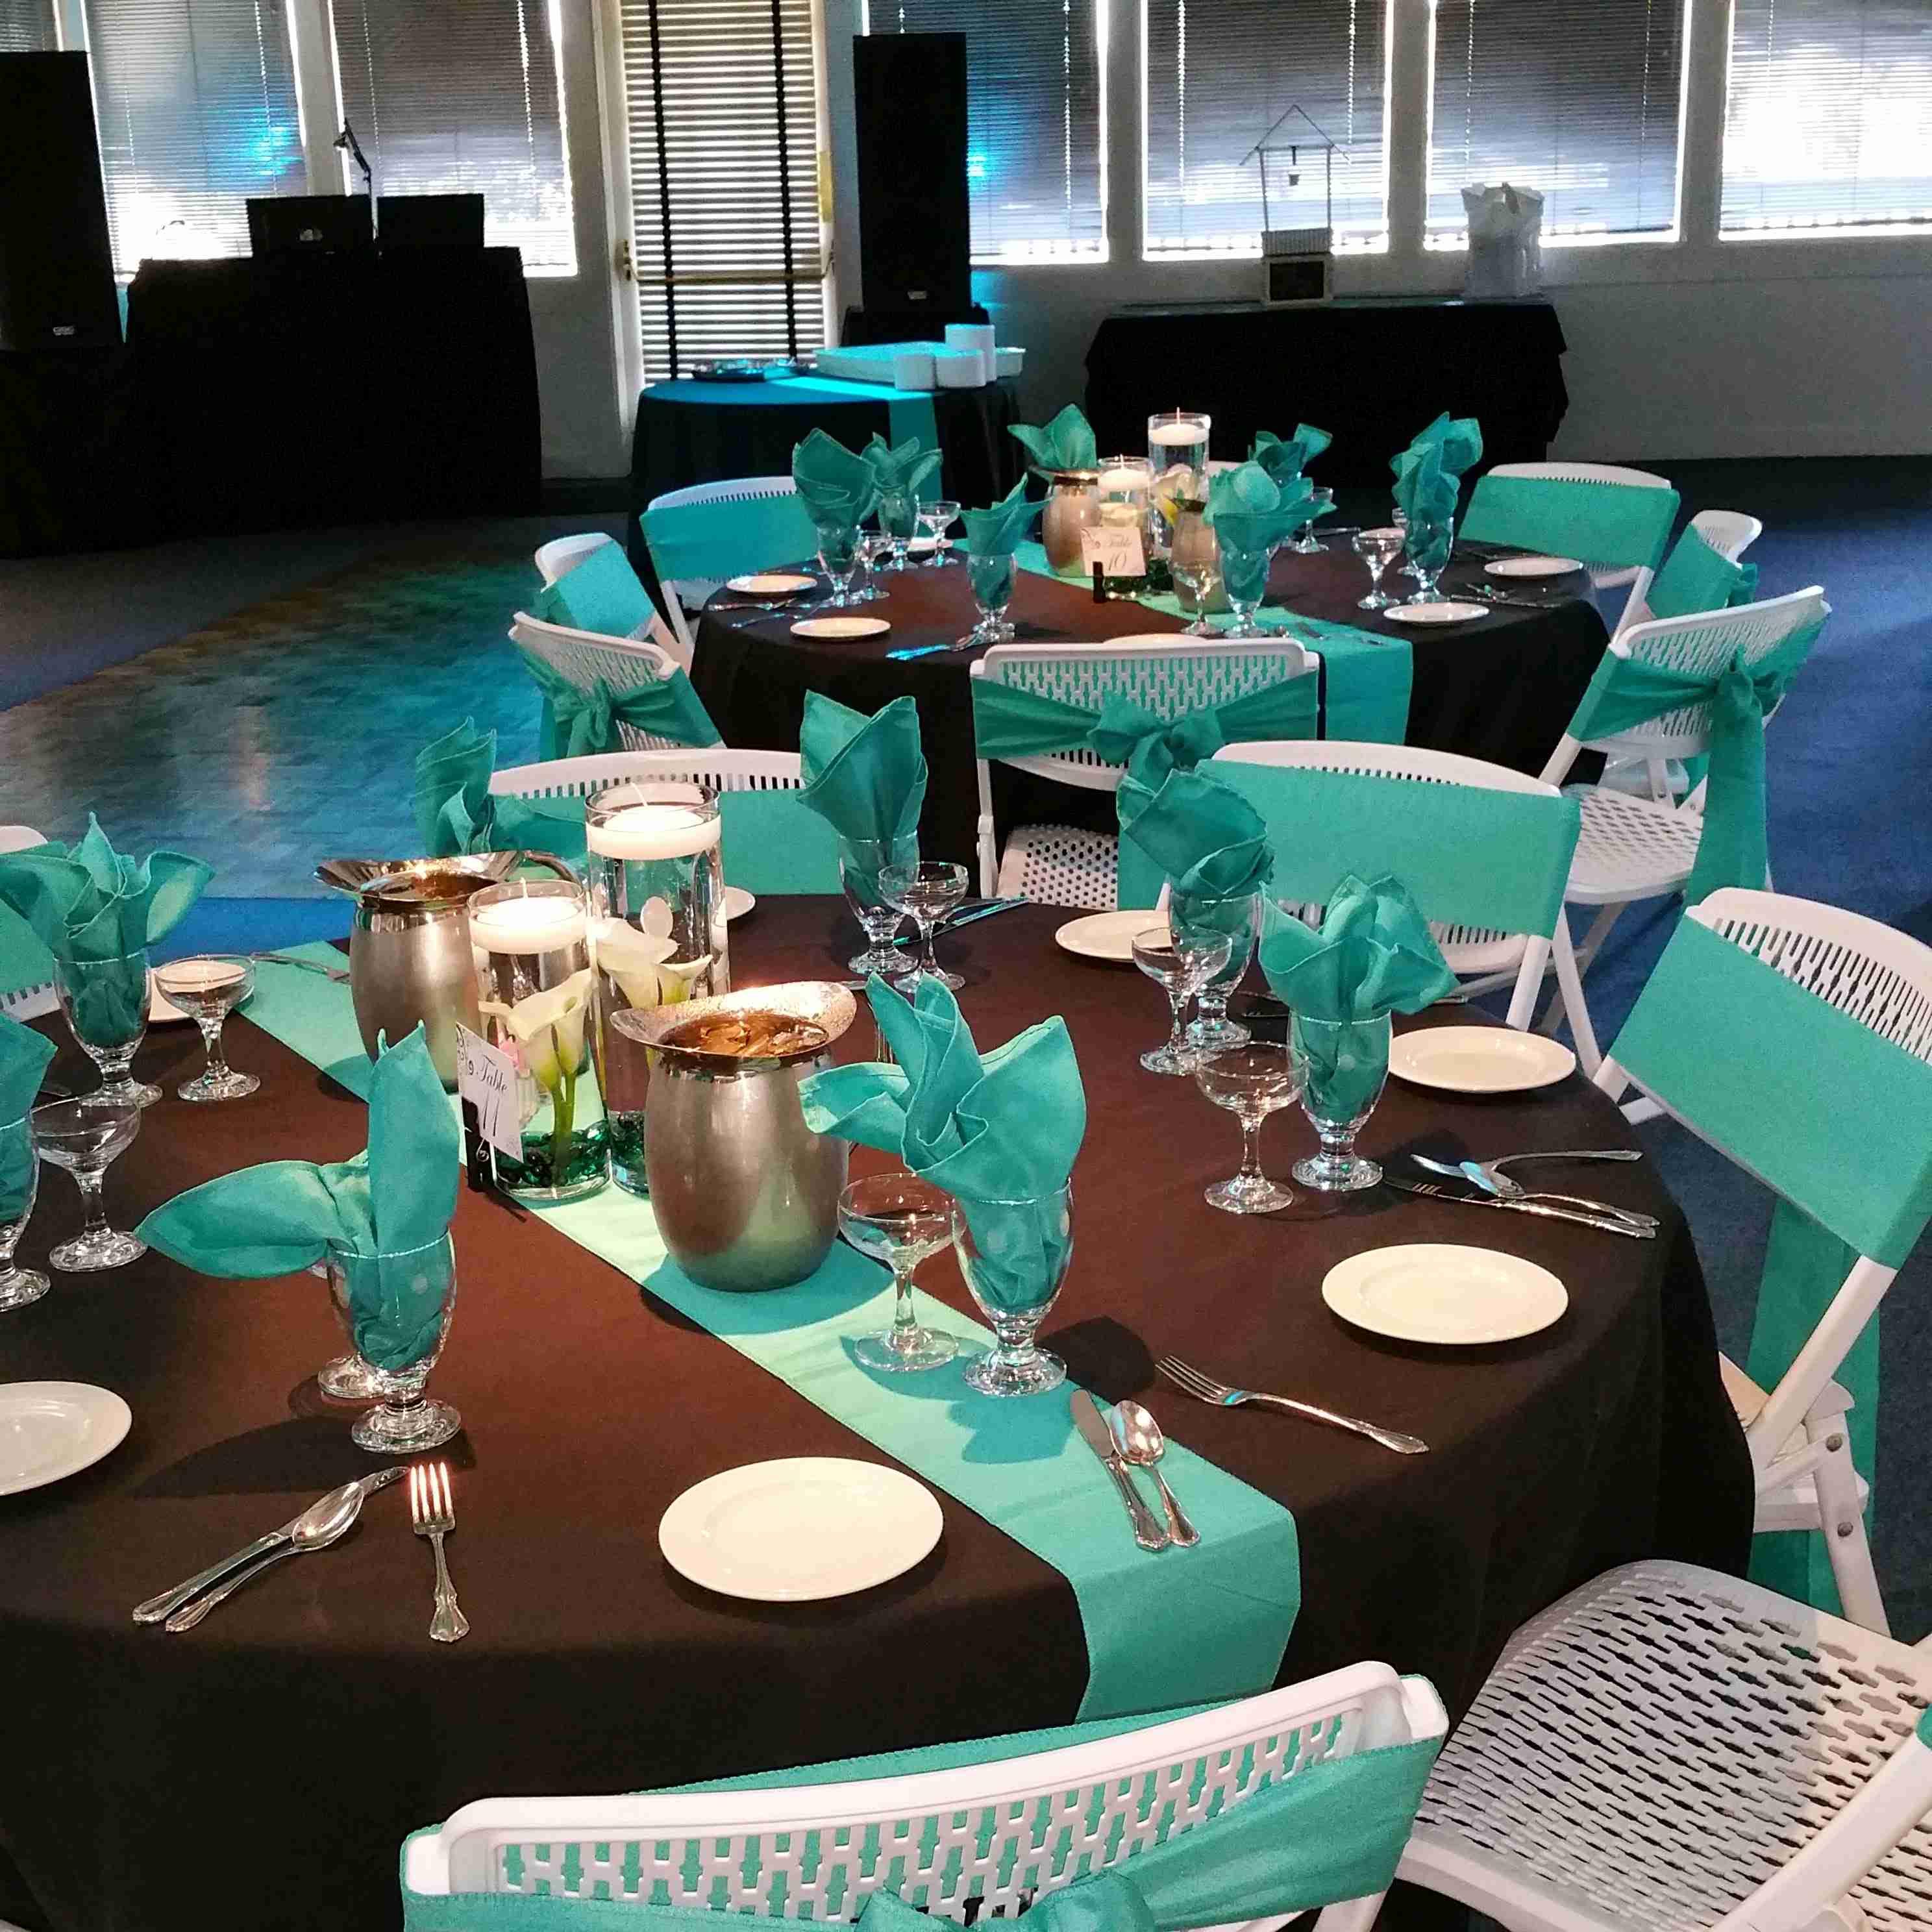 Chez Shari Banquet Facility image 58